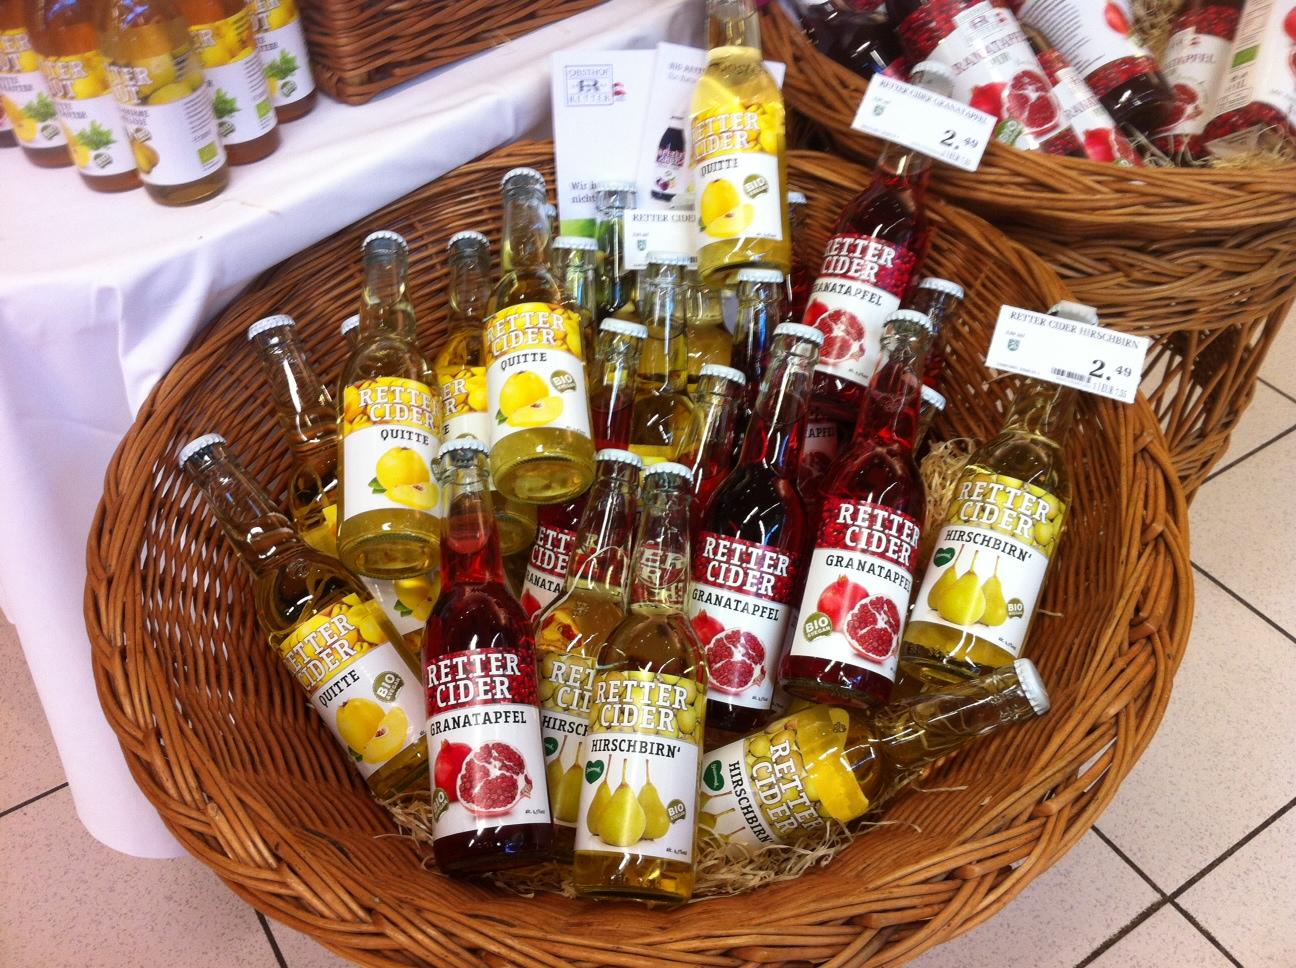 Erfrischende Cider-Getränke